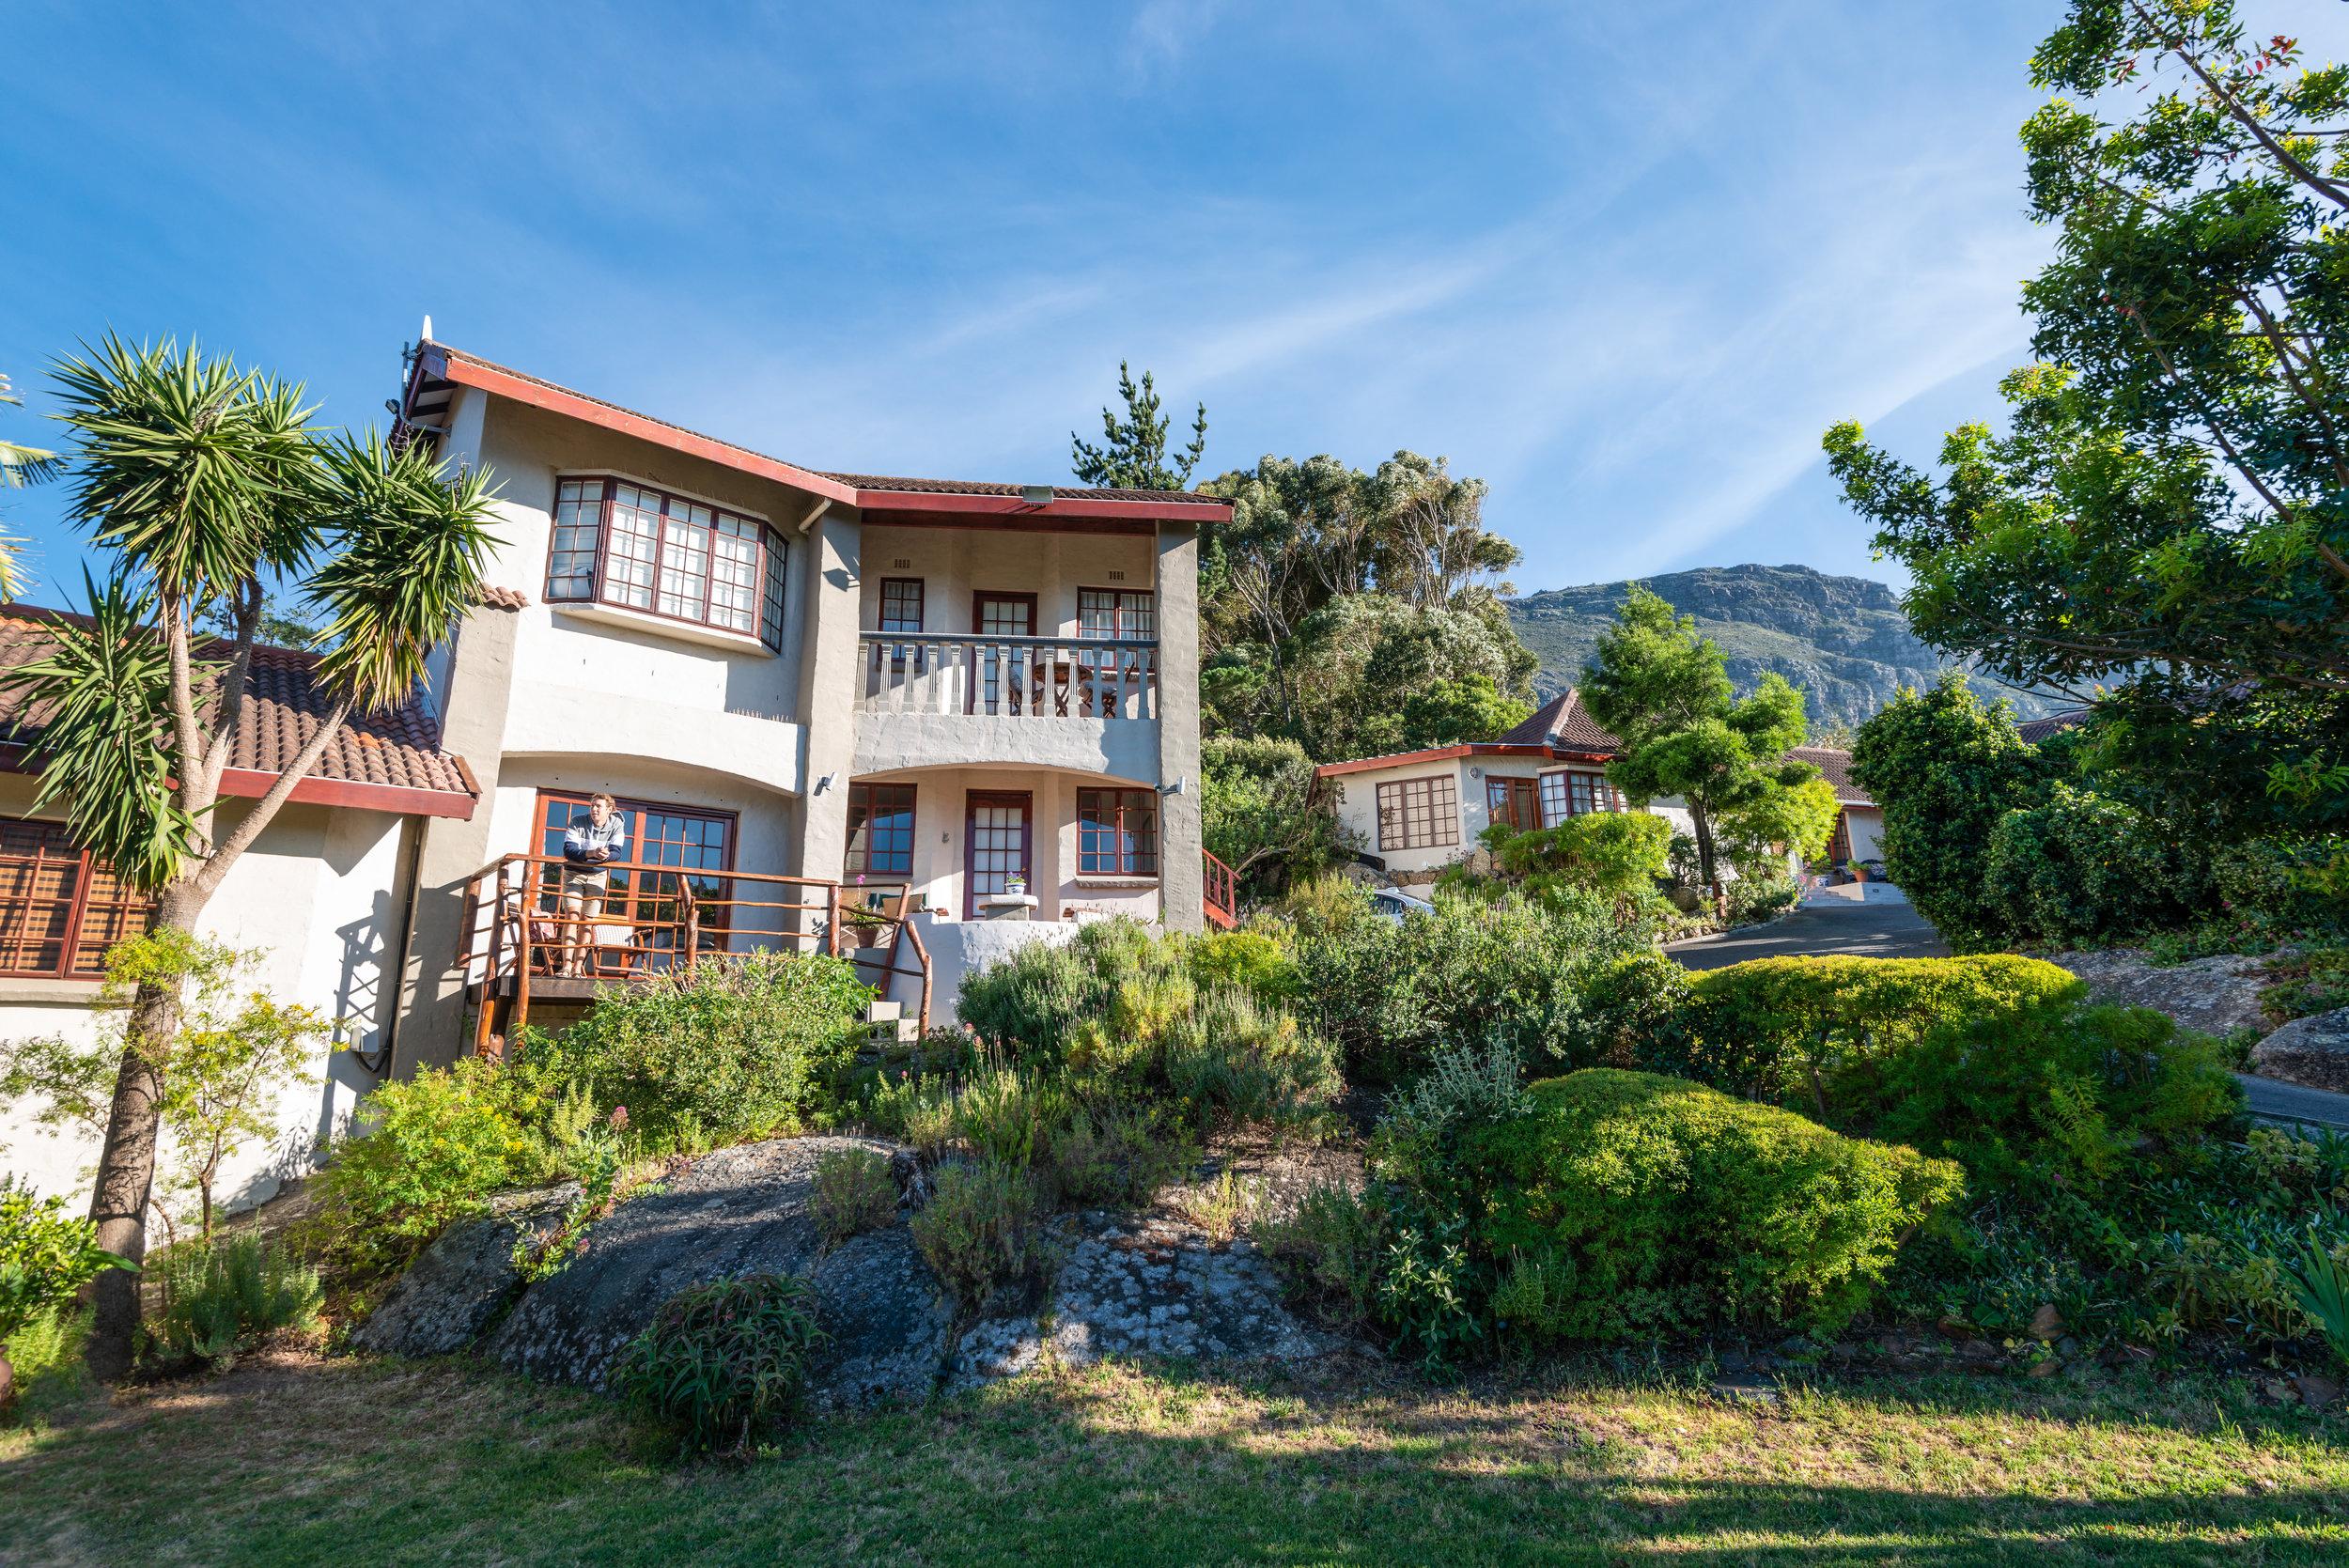 Victorskloof Lodge & Spa - 181109 - 7571-Bearbeitet.jpg